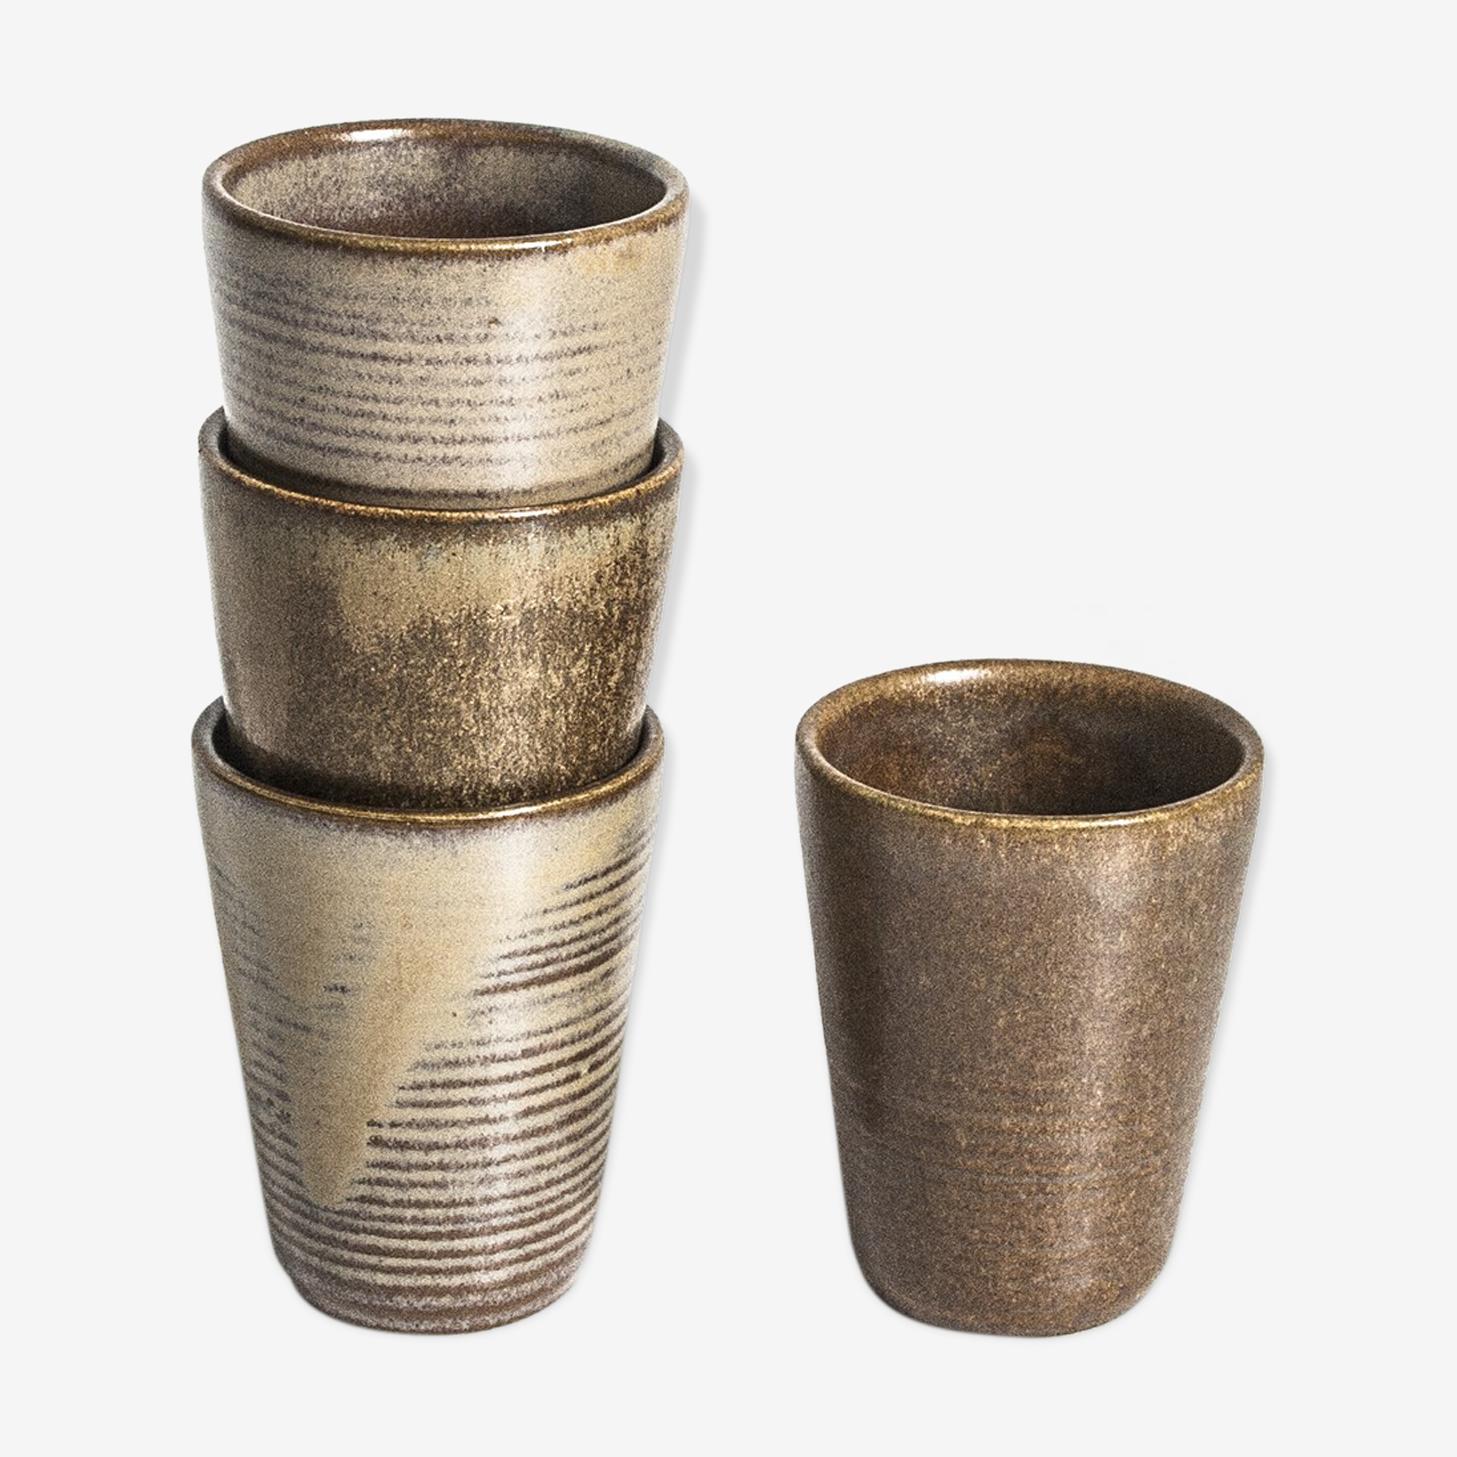 Set of 4 ceramic glasses